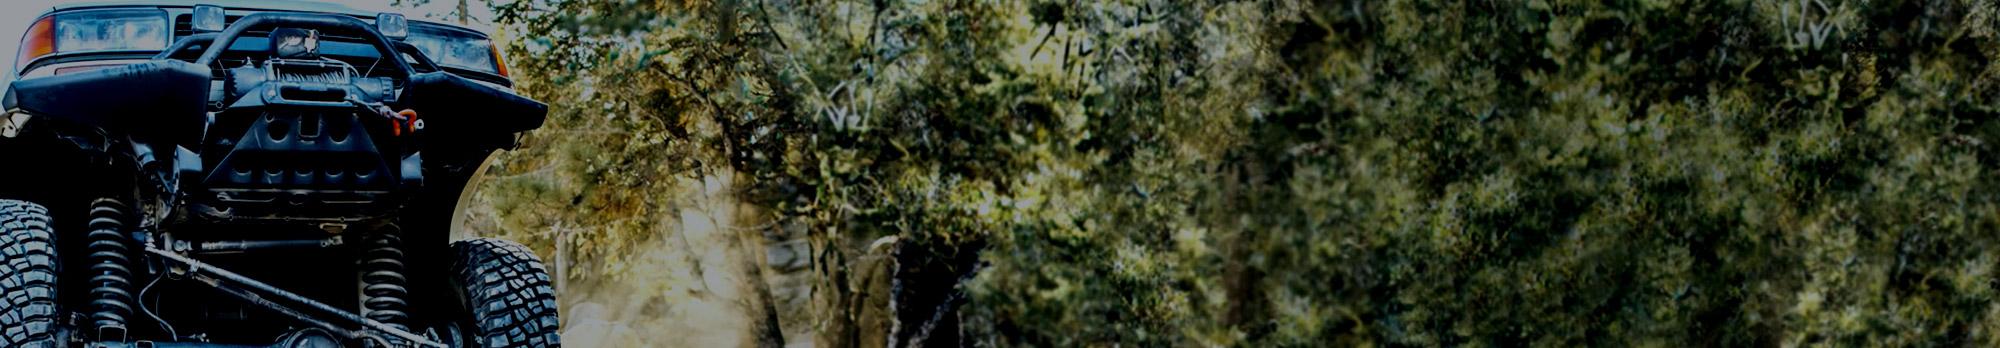 bfgoodrich promo banner background